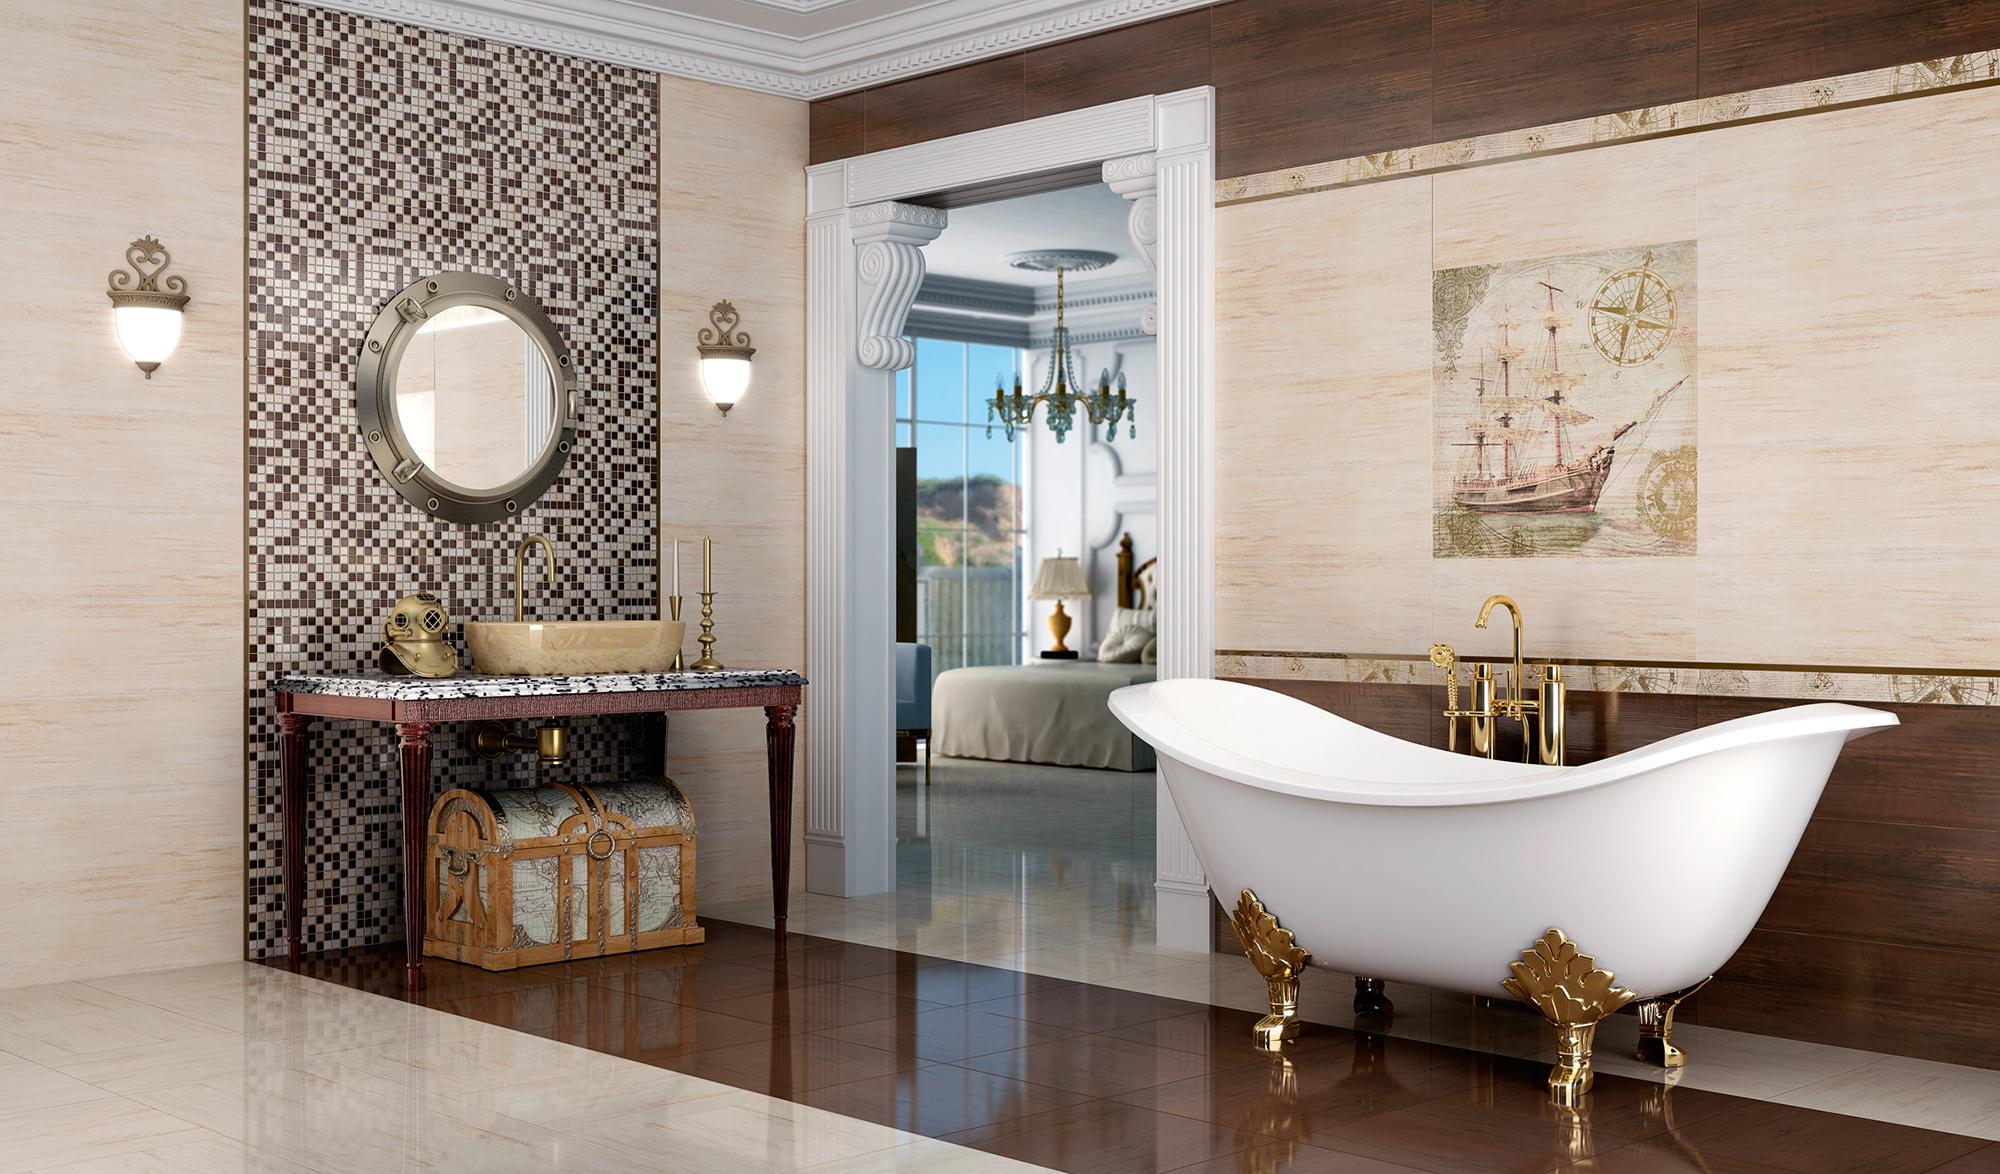 Мозаика для оформления стены за зеркалом в ванной